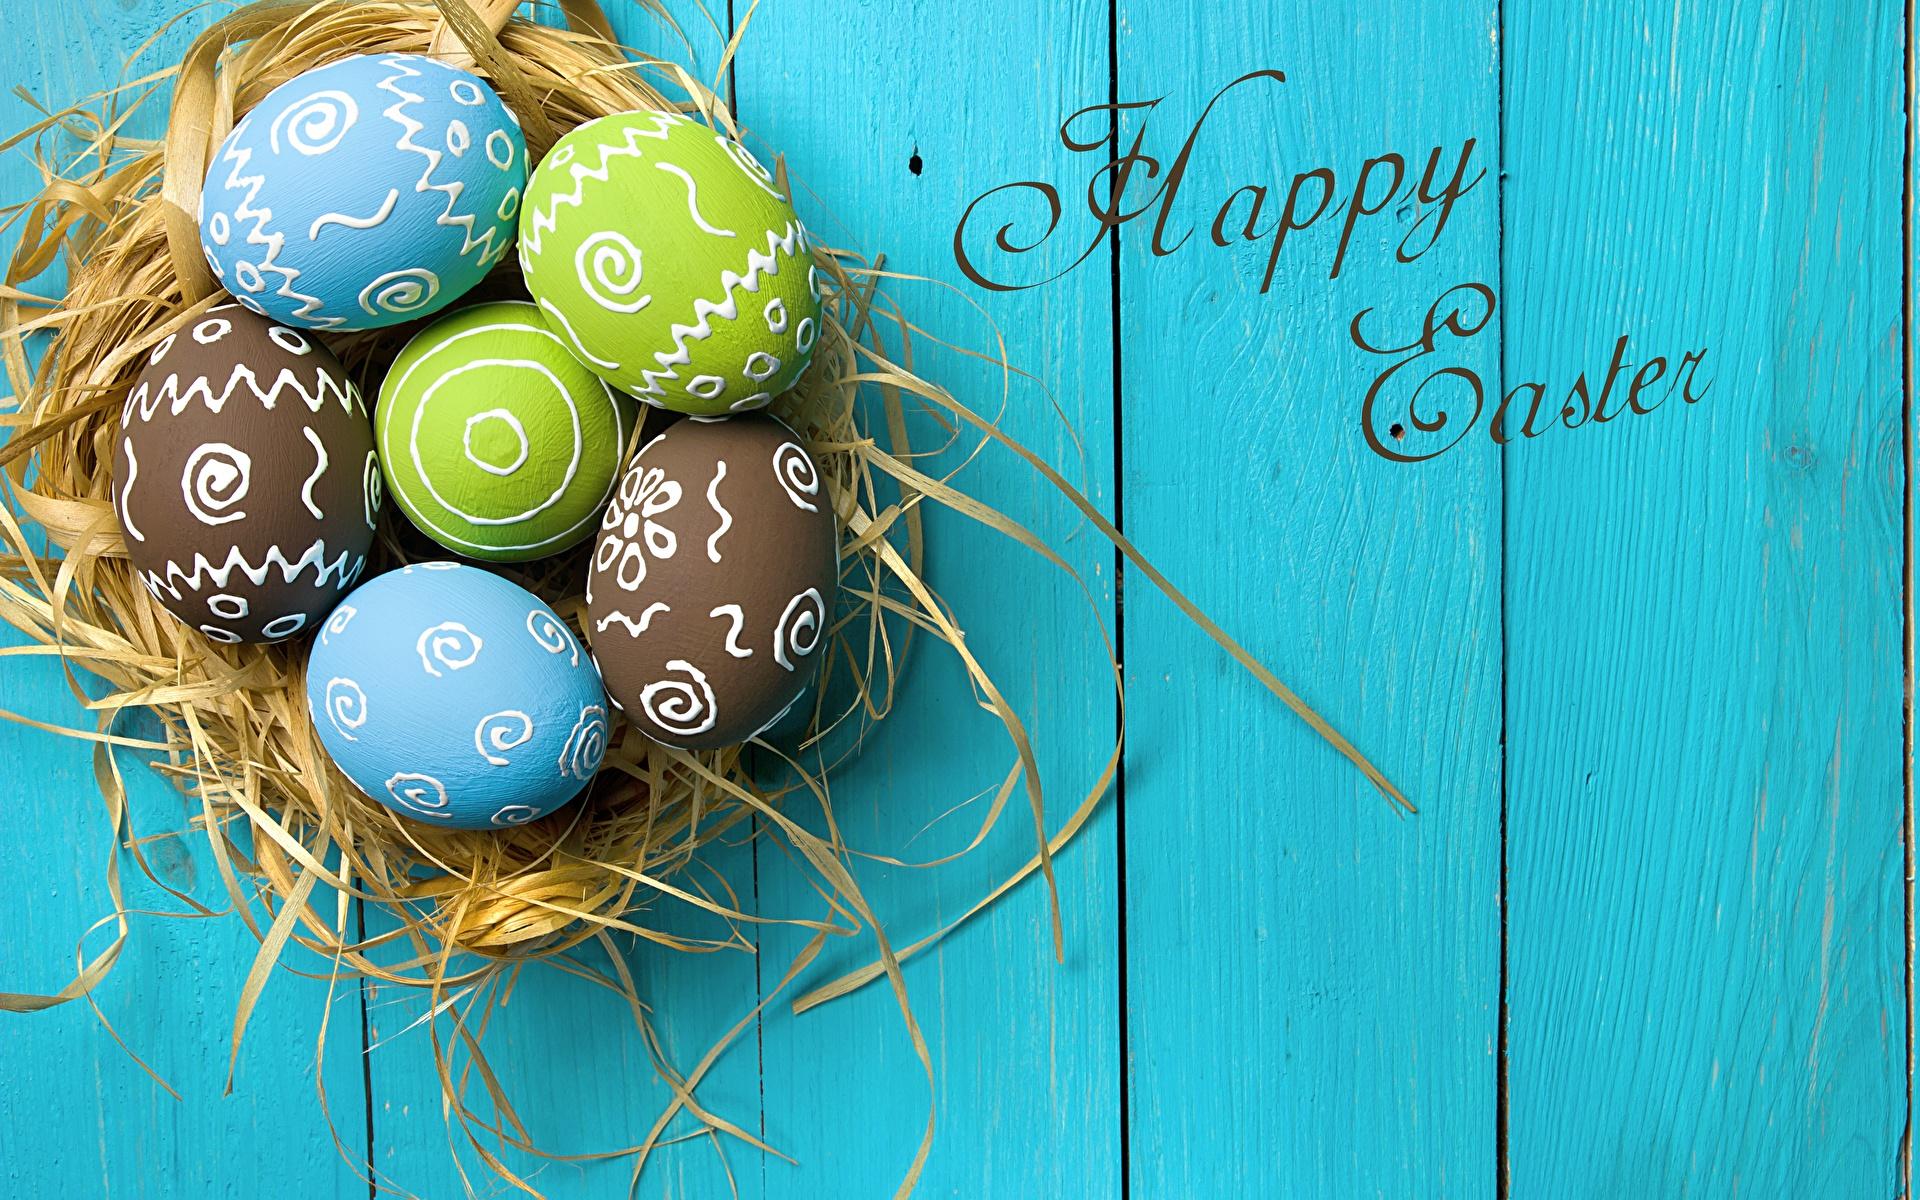 Фотография Пасха Английский яйцо Гнездо текст Доски 1920x1200 английская инглийские яиц Яйца яйцами гнезда гнезде слова Слово - Надпись